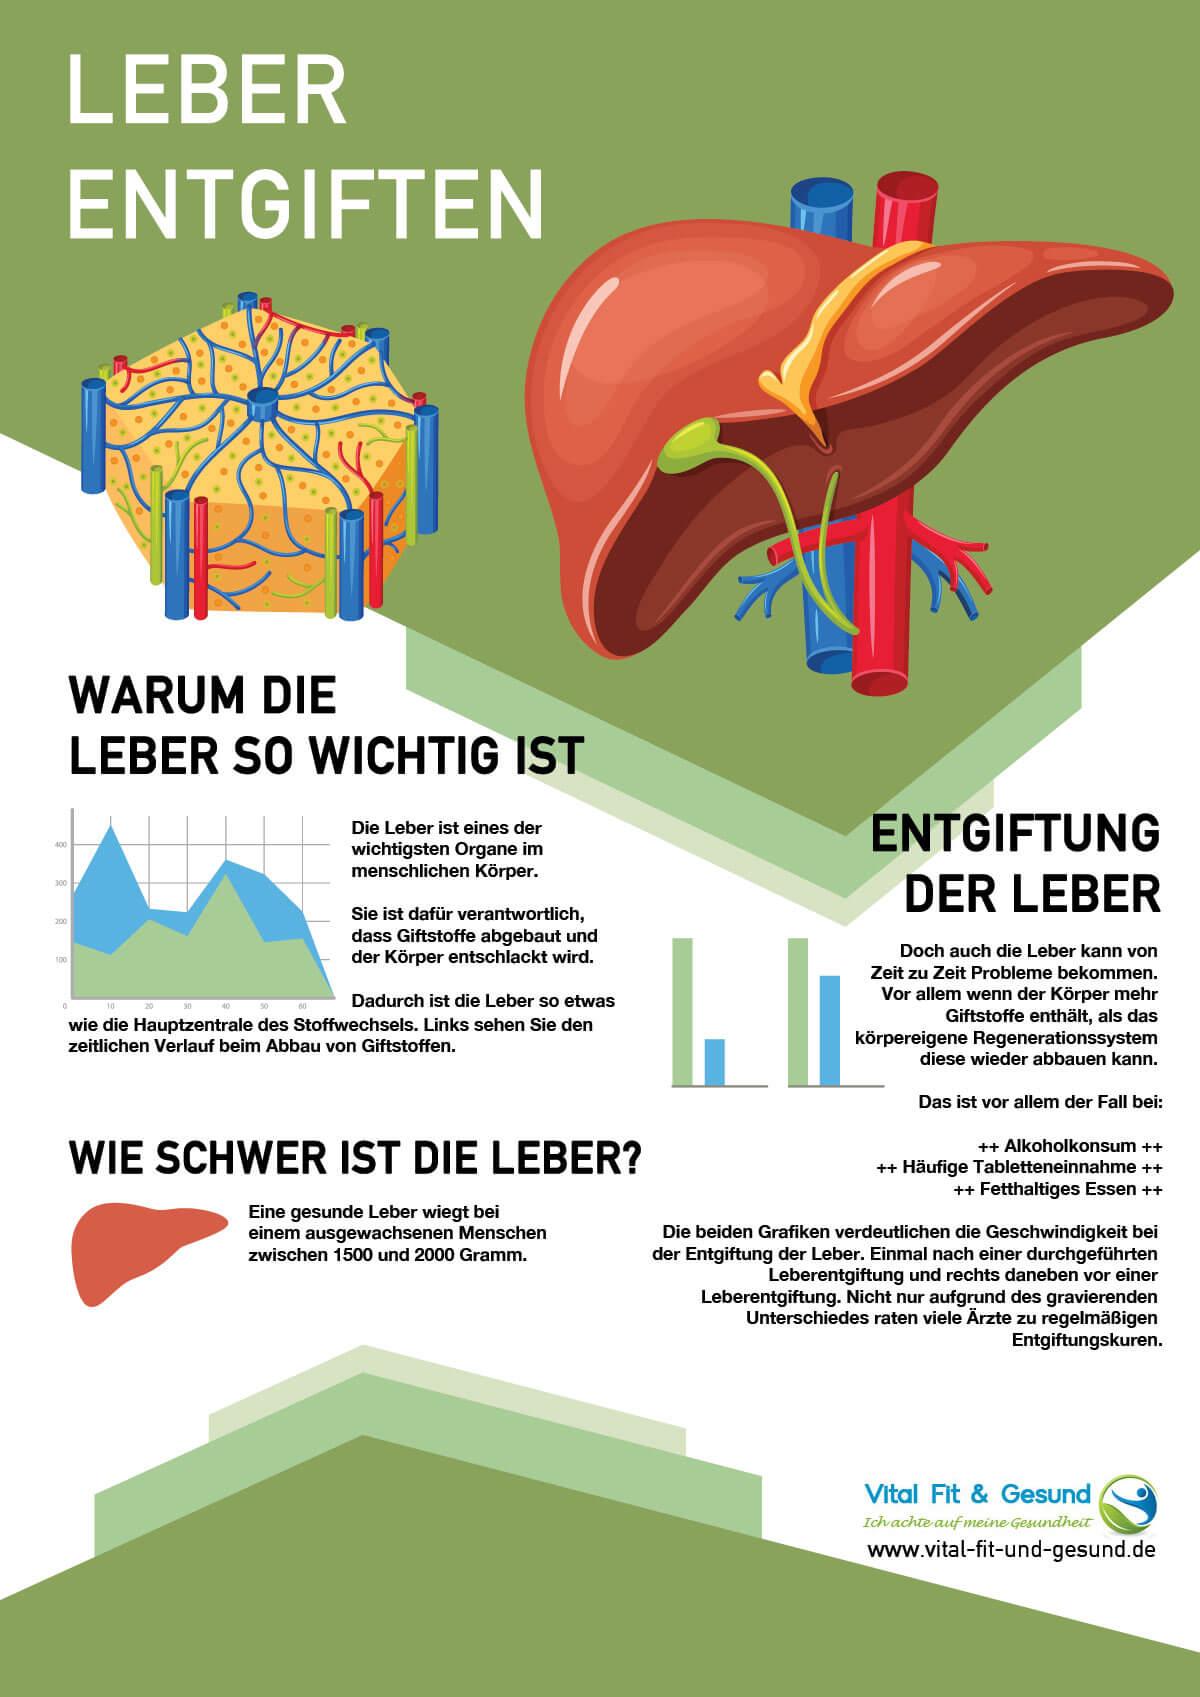 Leber entgiften schützt vor Überlastung - Vital Fit & Gesund